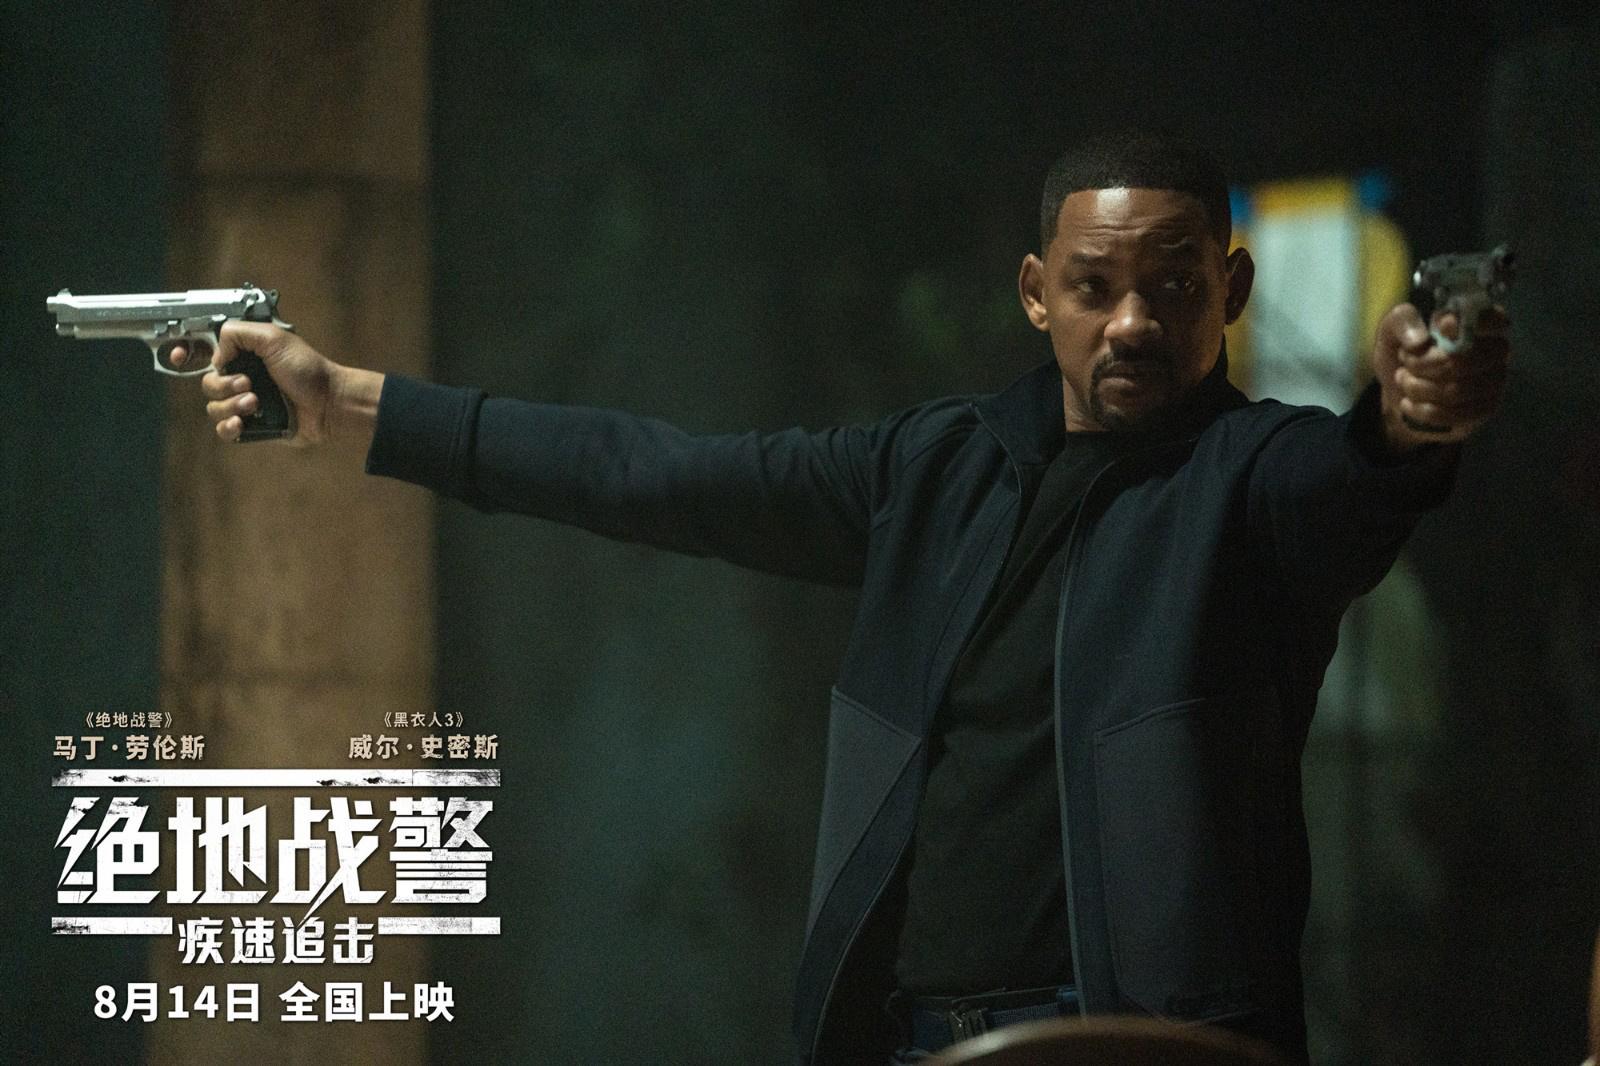 燃爆今夏!《尽地战警:疾速追击》定档8月14日